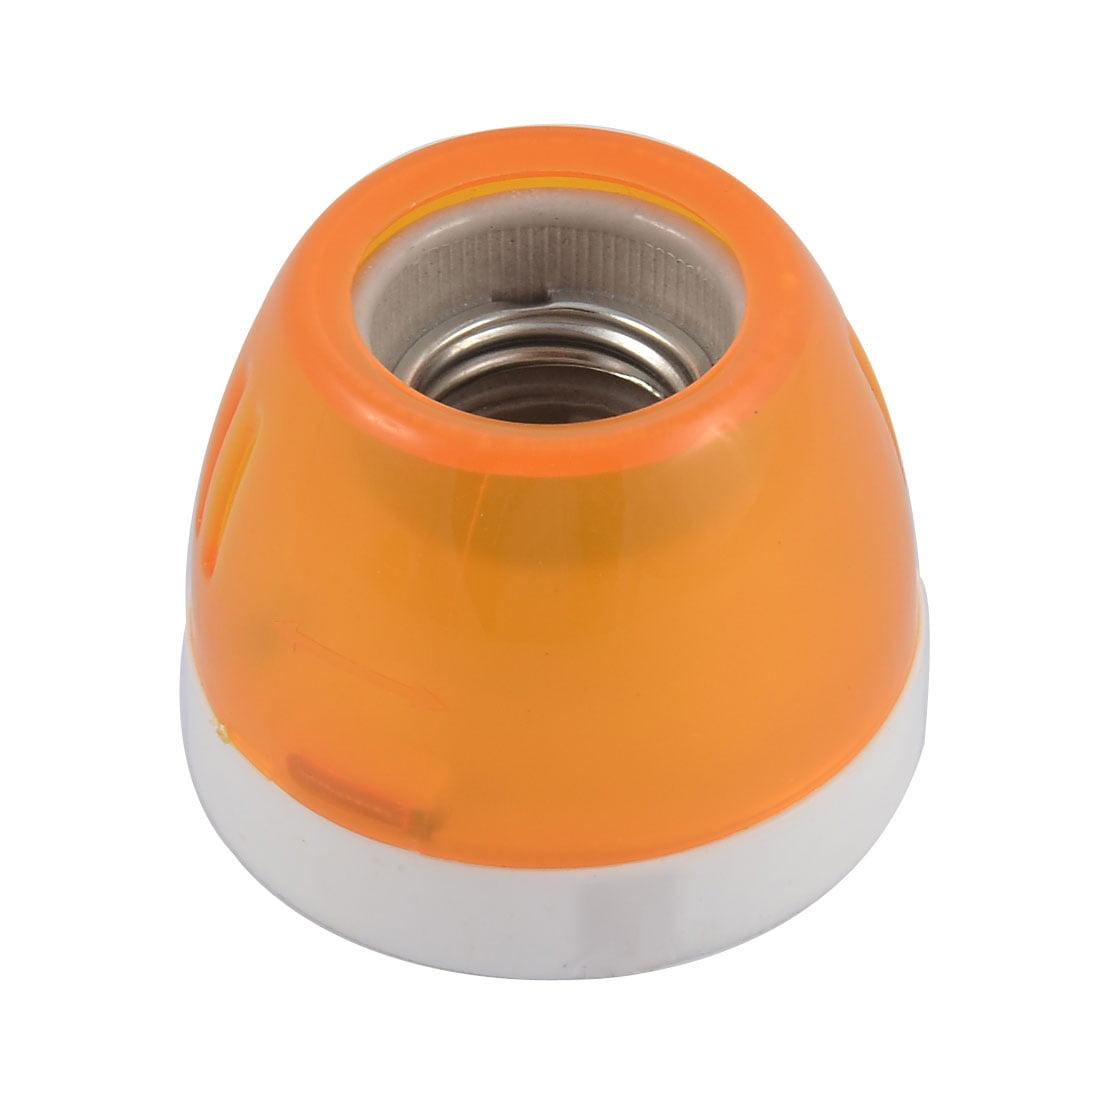 250V 6A E27 Light Bulb Lamp Socket Holder Adapter Convert...